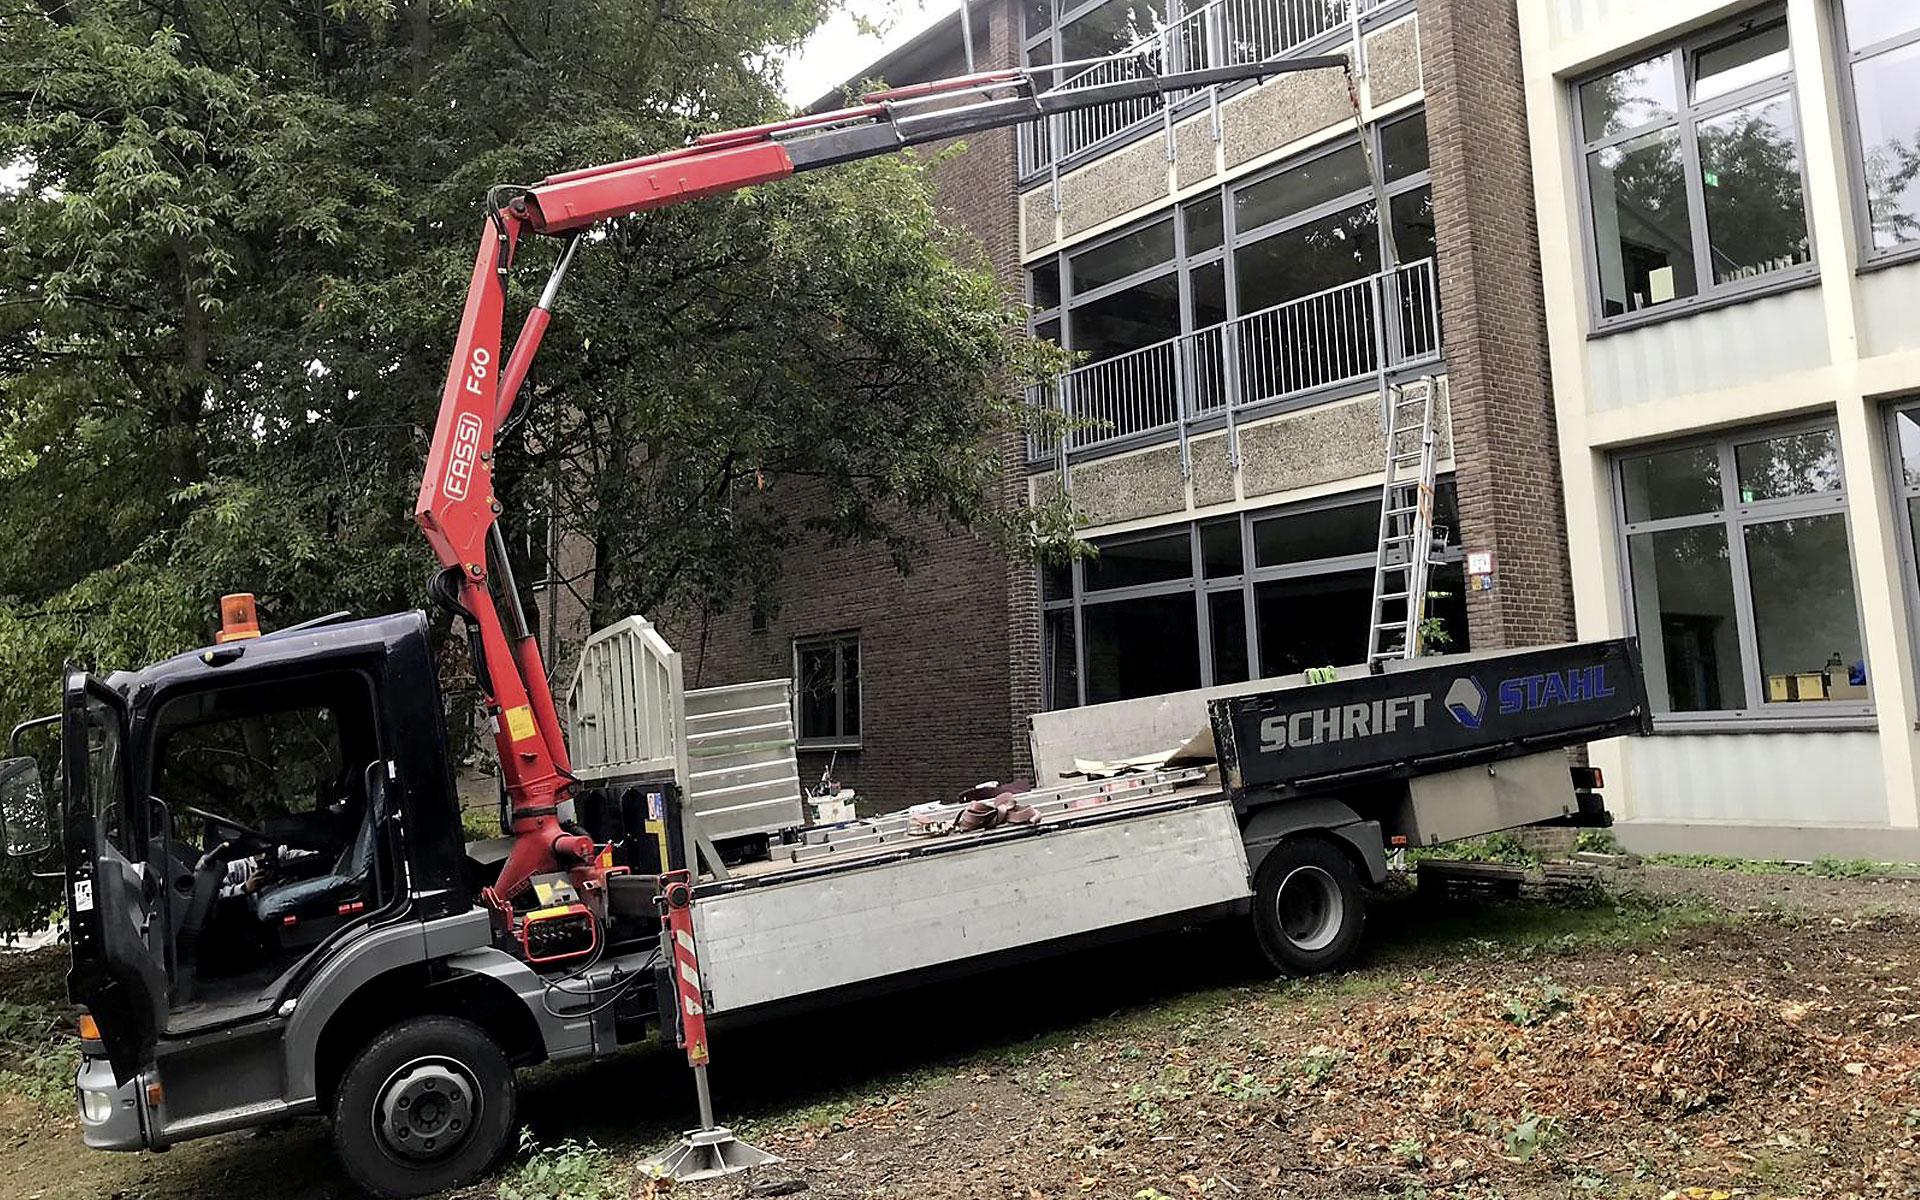 Schrift & Stahl Metall-Bau GmbH aus Mönchengladbach